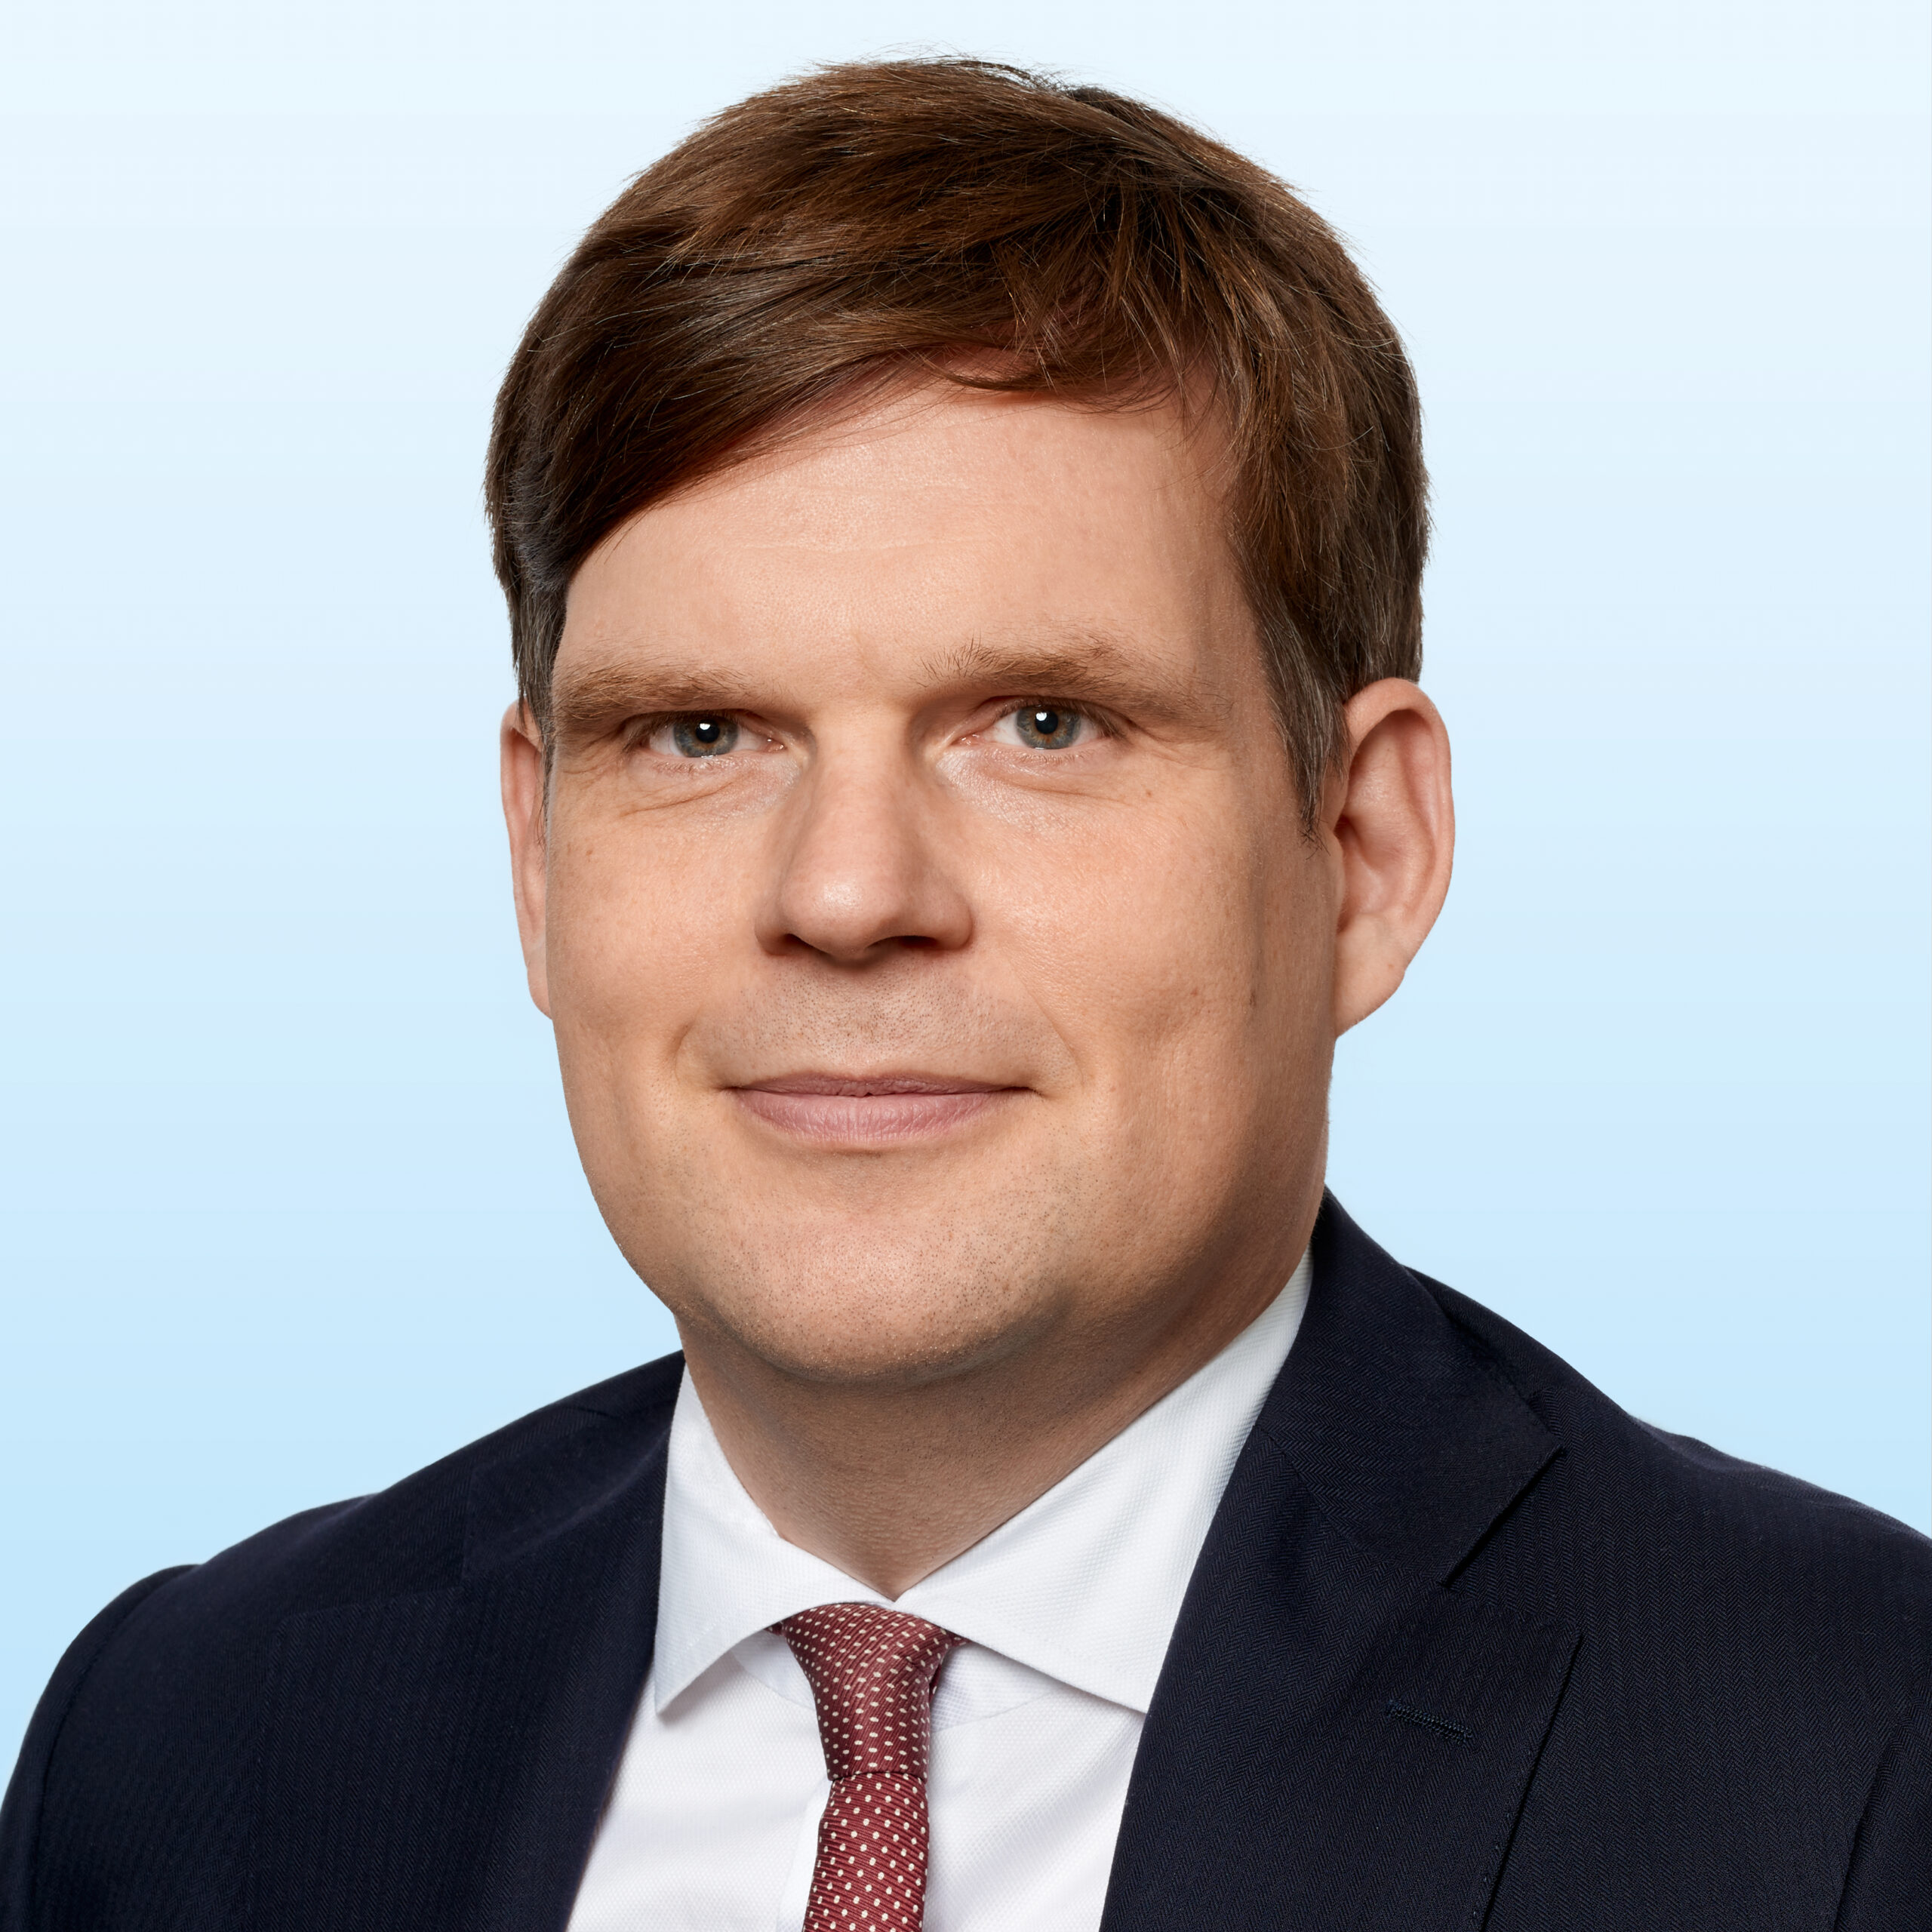 Sascha Hanekopf